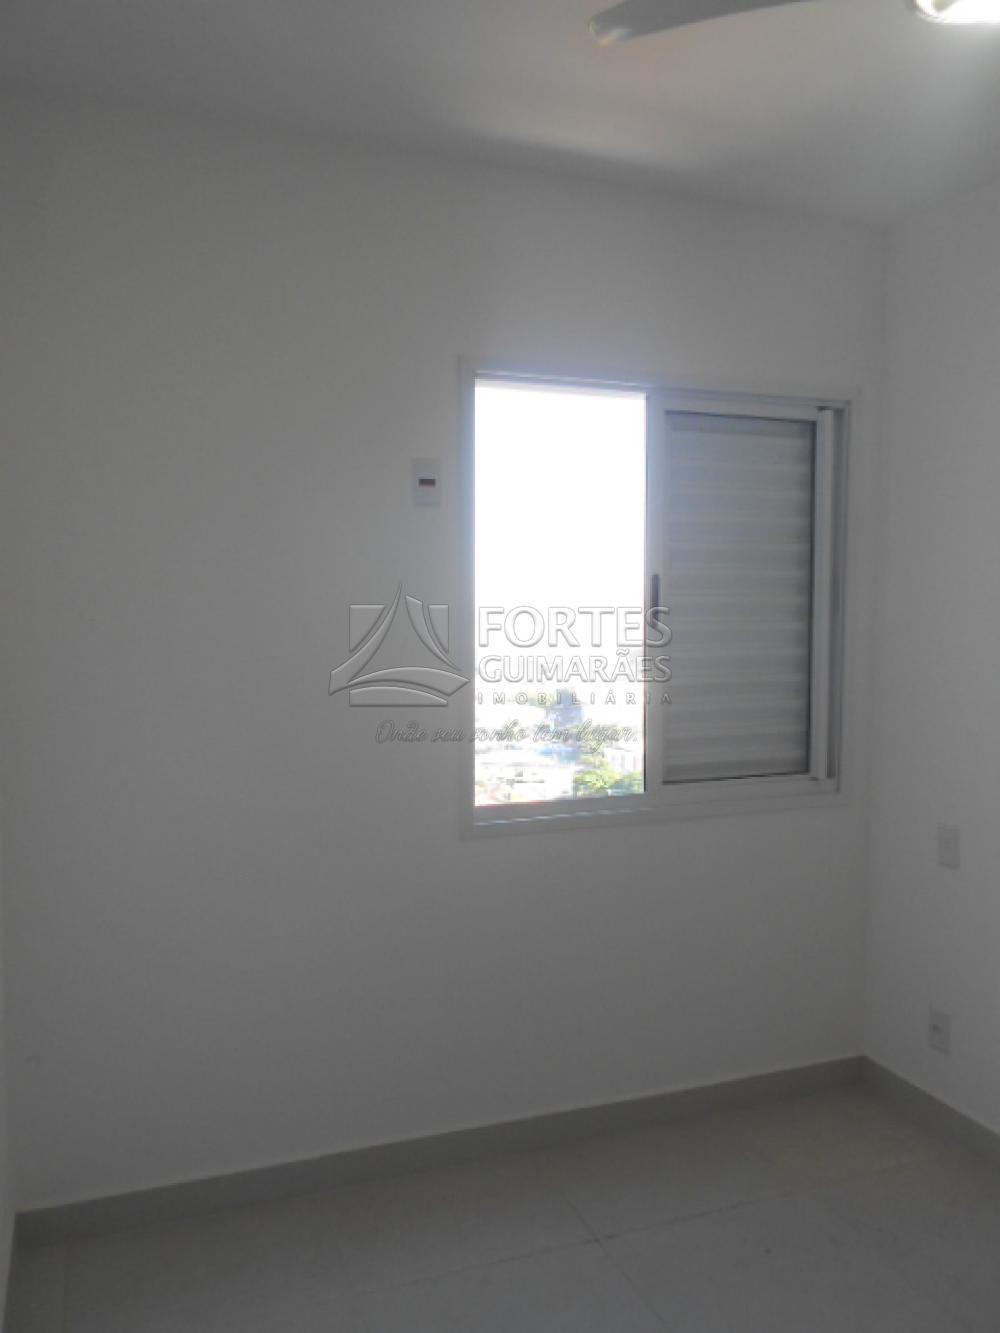 Alugar Apartamentos / Padrão em Ribeirão Preto apenas R$ 1.500,00 - Foto 17